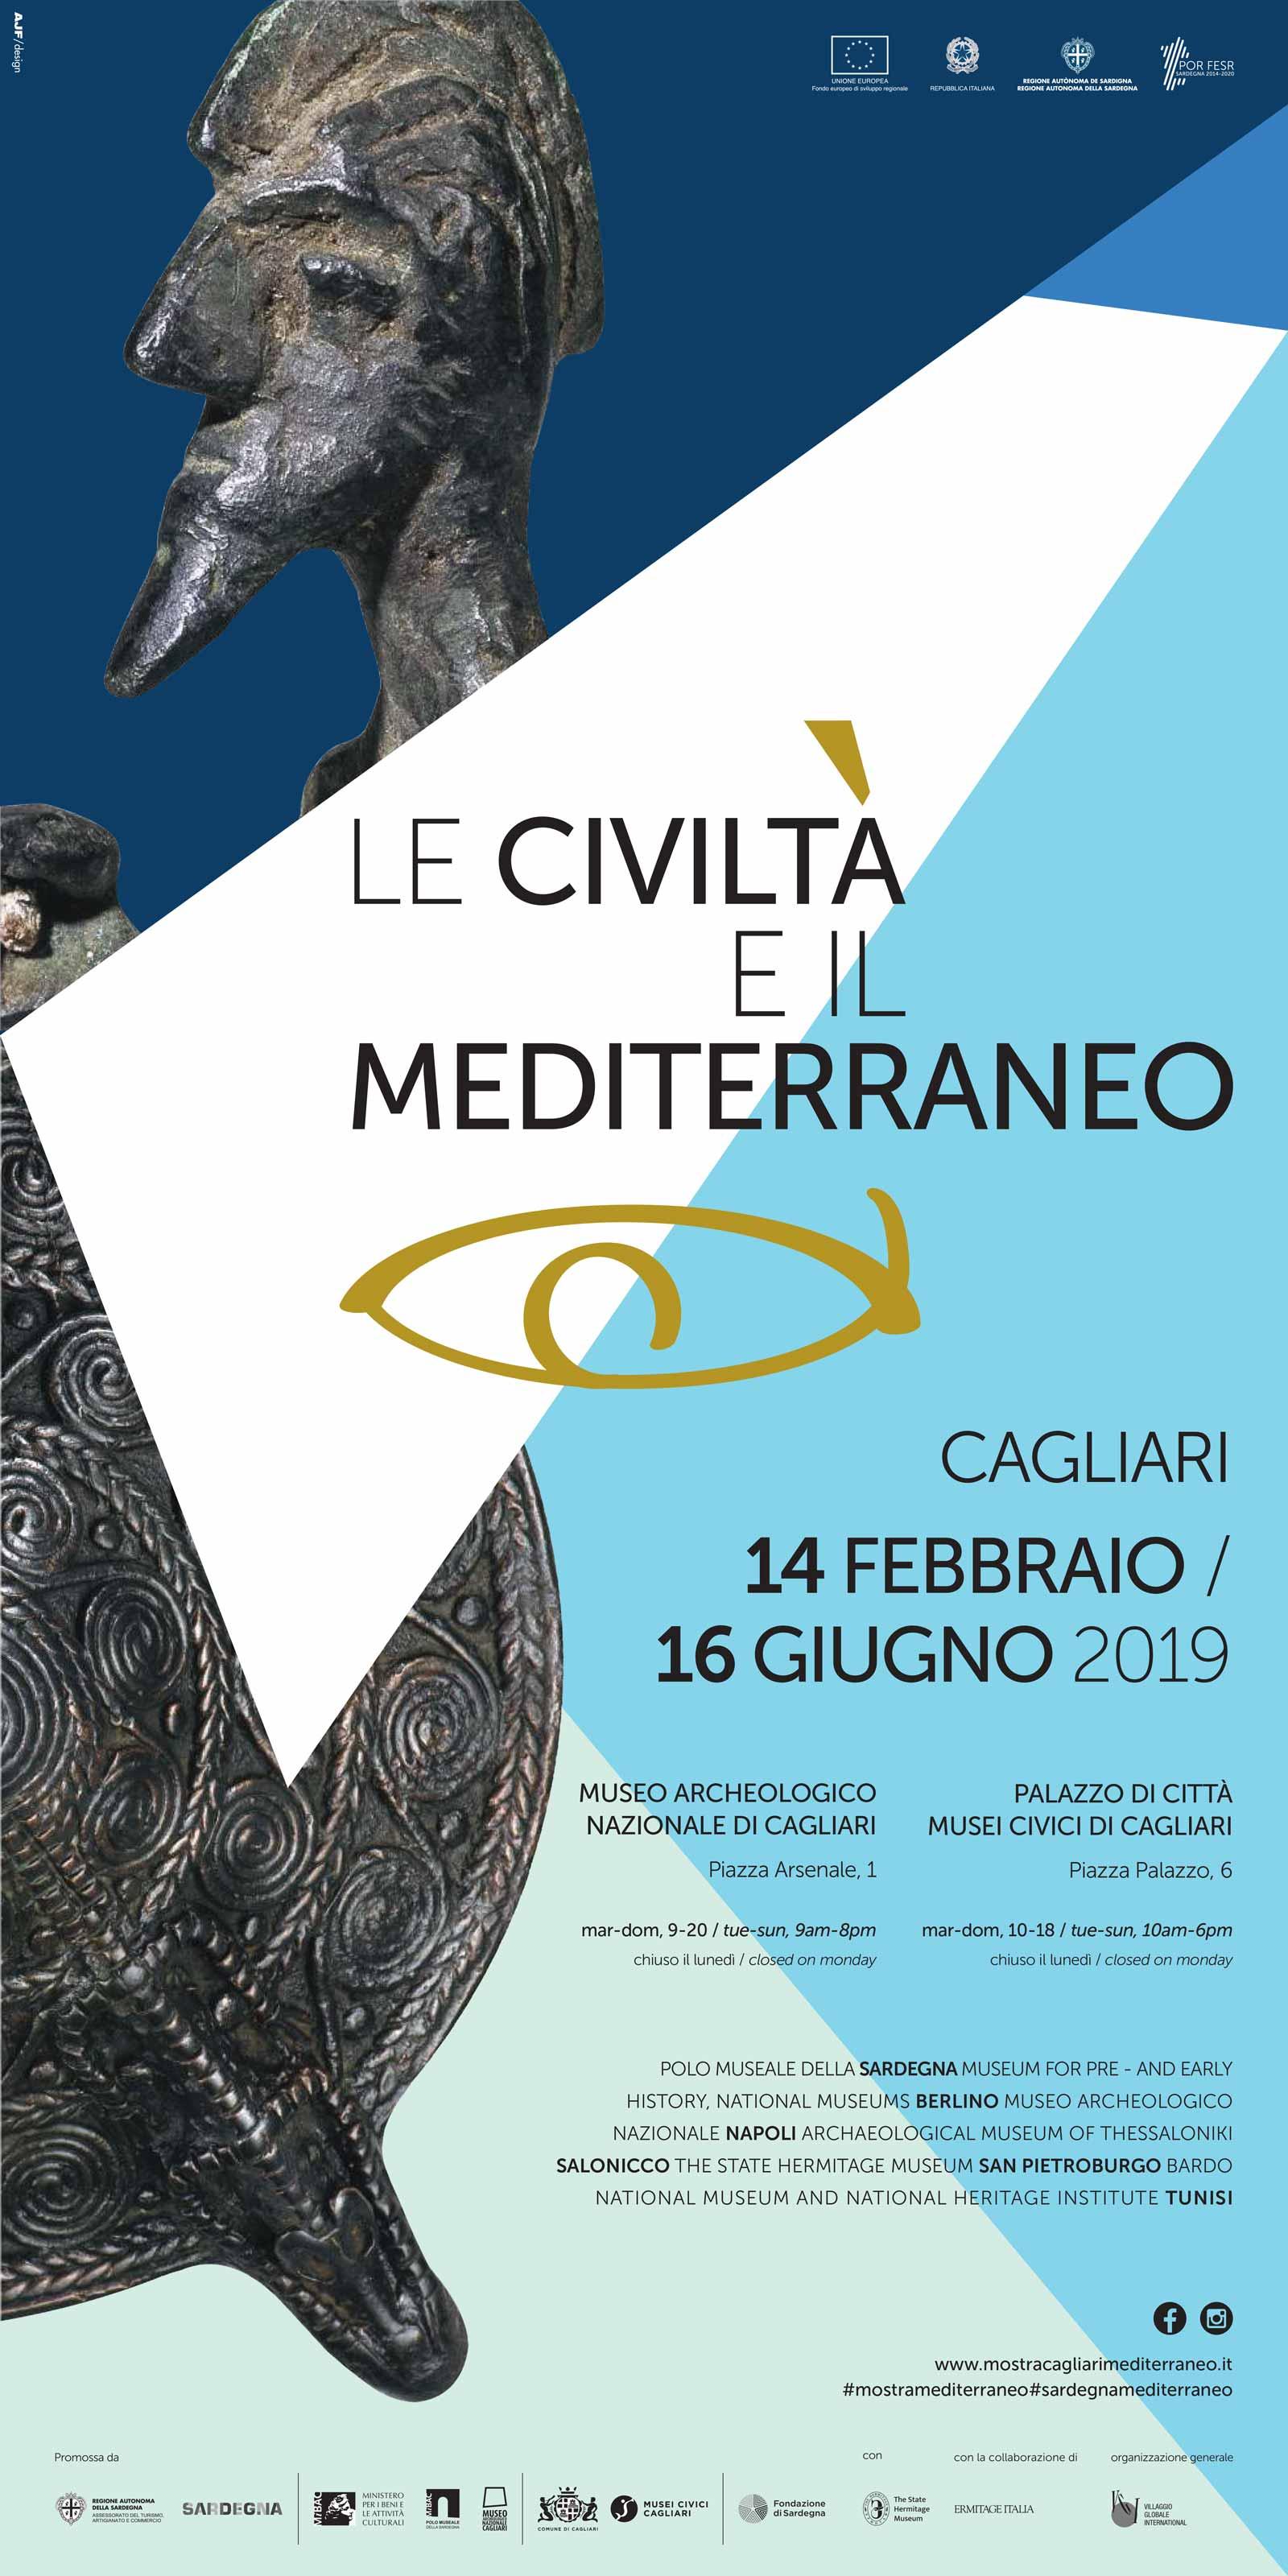 Locandina Mostra Civiltà del Mediterraneo a Cagliari